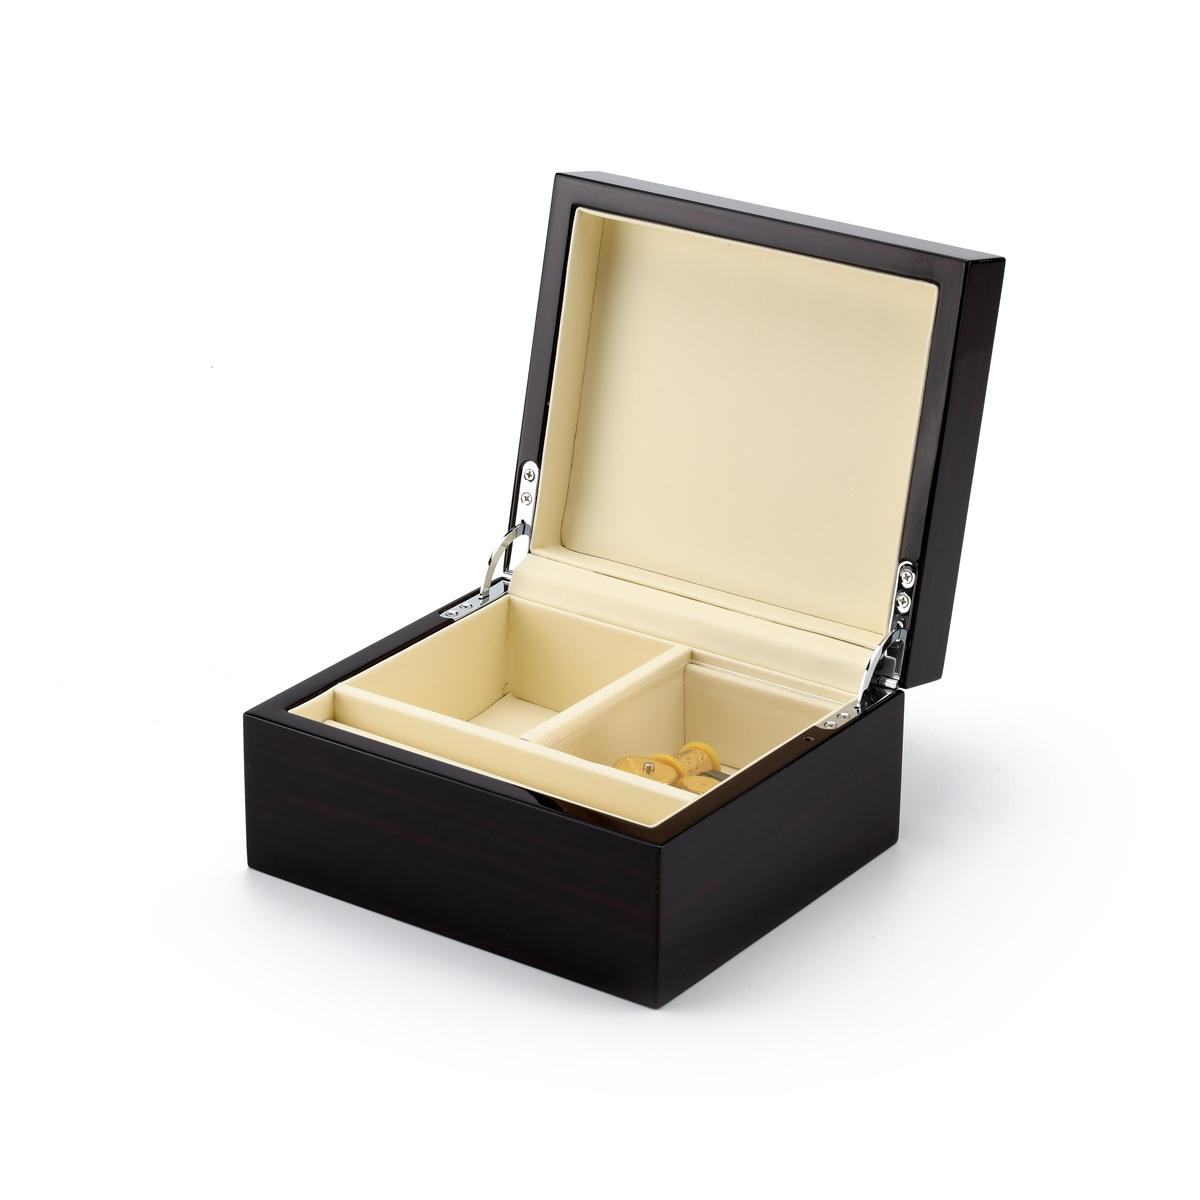 Contemporary 23 Note Hi Gloss Macassar Finish Jewelry Box